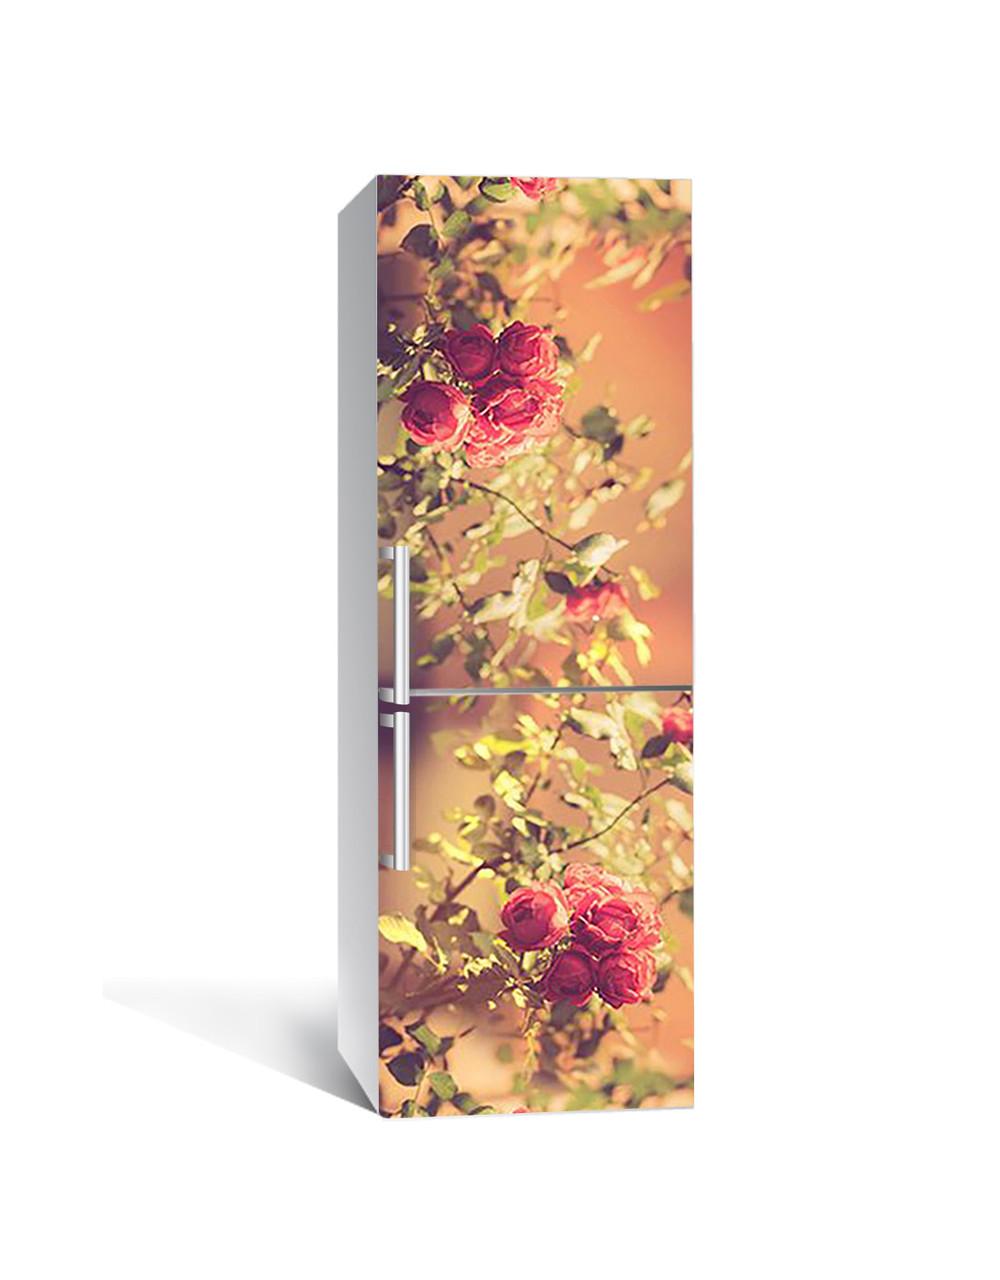 Интерьерная наклейка на холодильник Фото Розы виниловая пленка ламинированная ПВХ сепия кусты цветы Бежевый